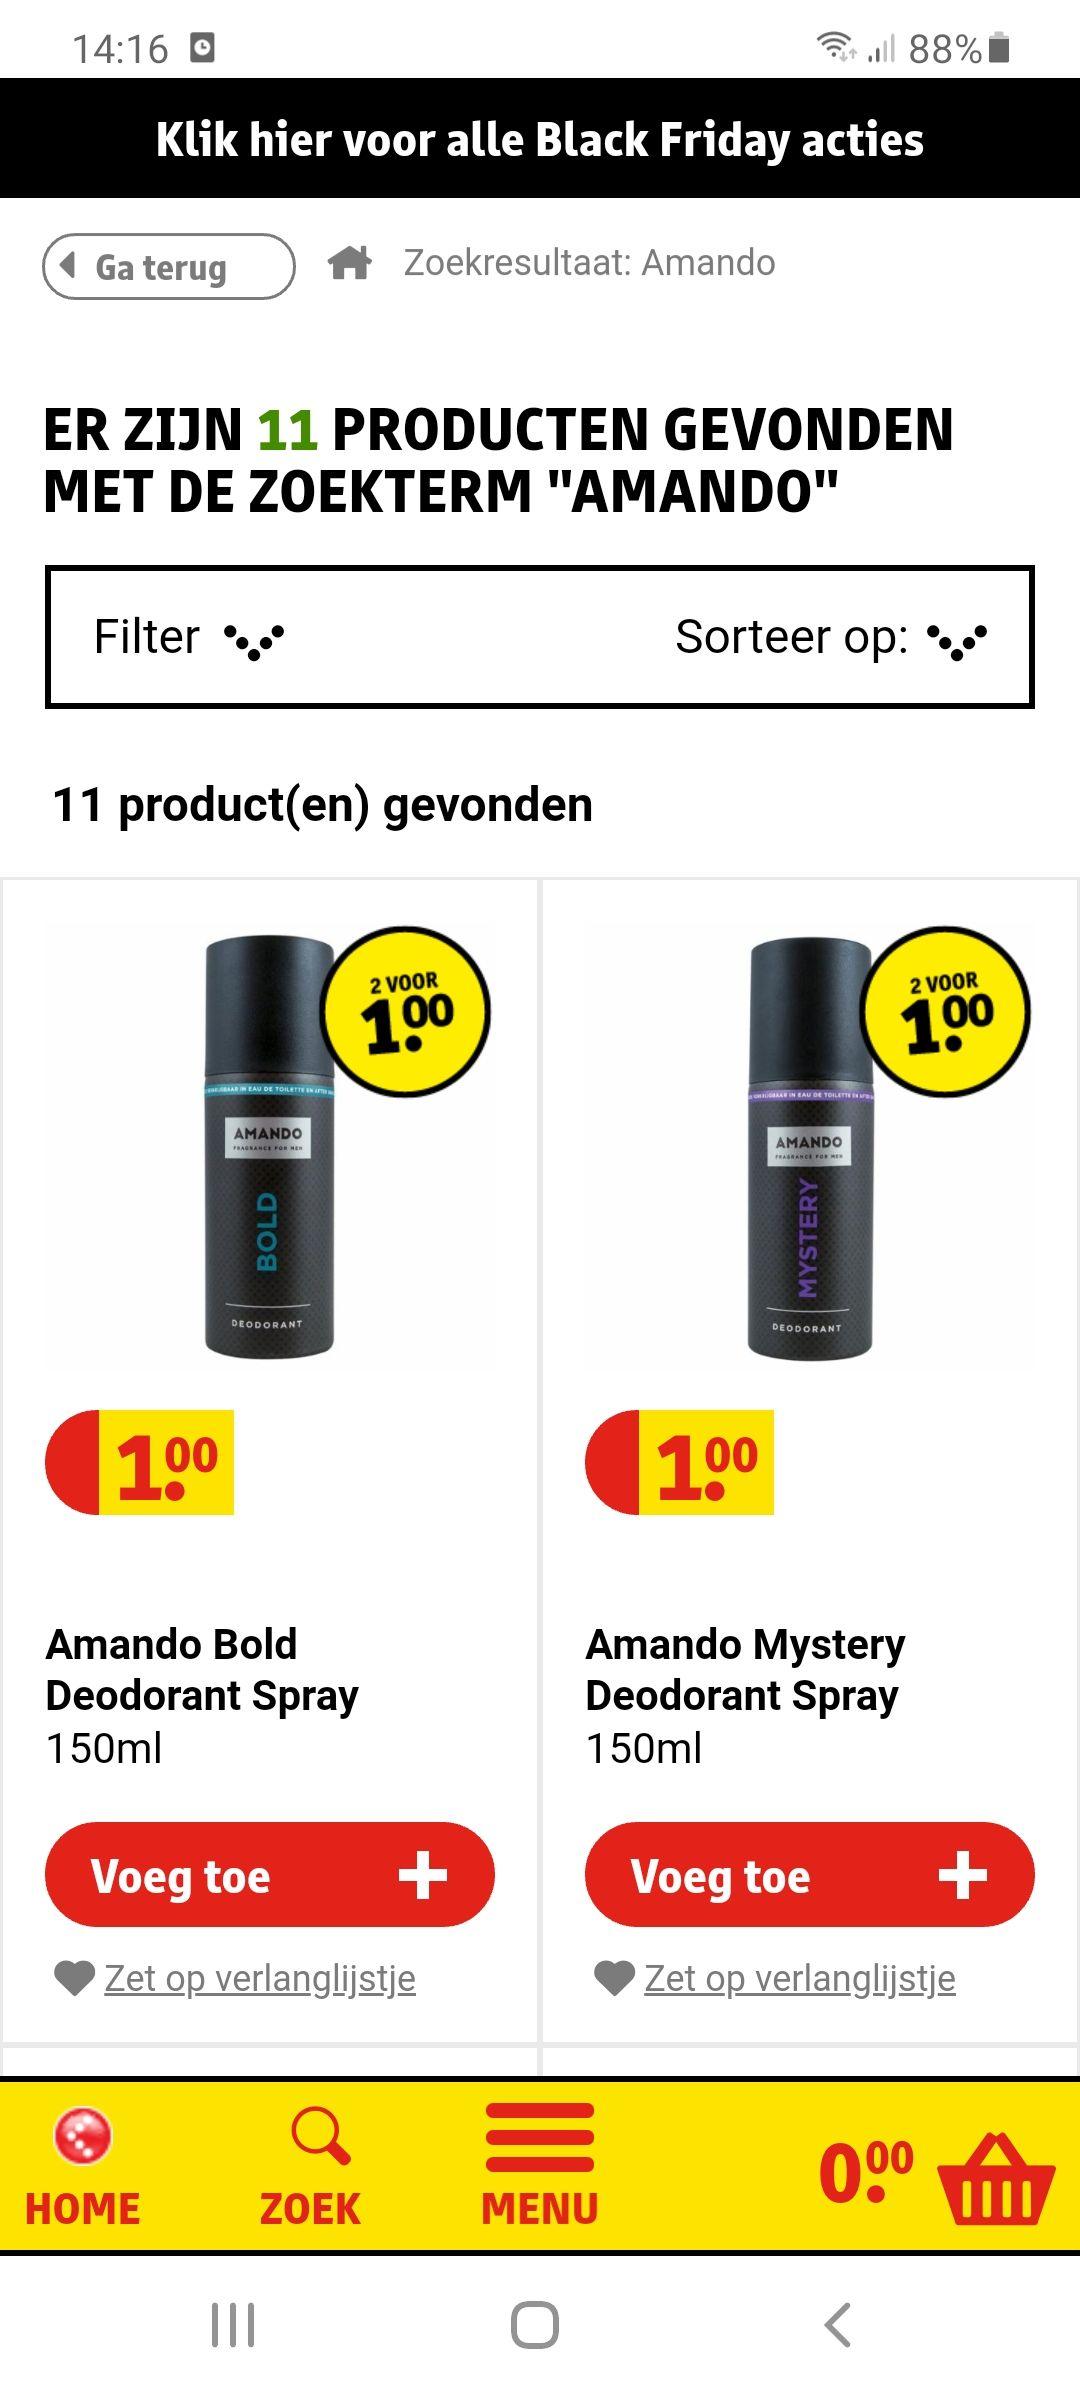 Amando deo 2 voor 1 euro @kruitvat